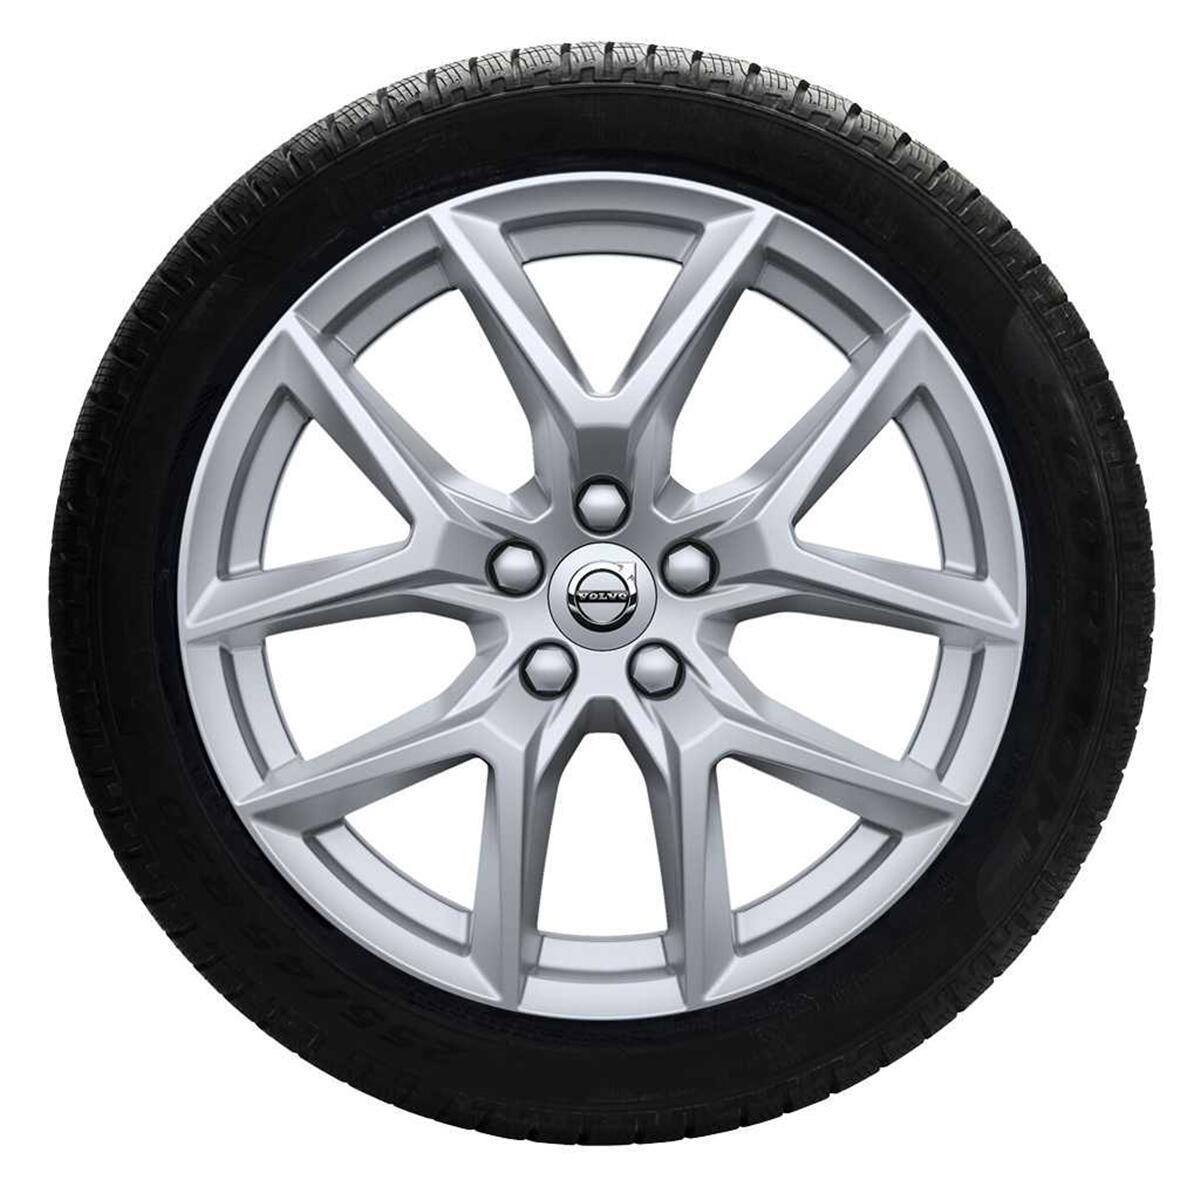 Komplet zimskih koles: 45,70 cm (18''), pnevmatike Pirelli